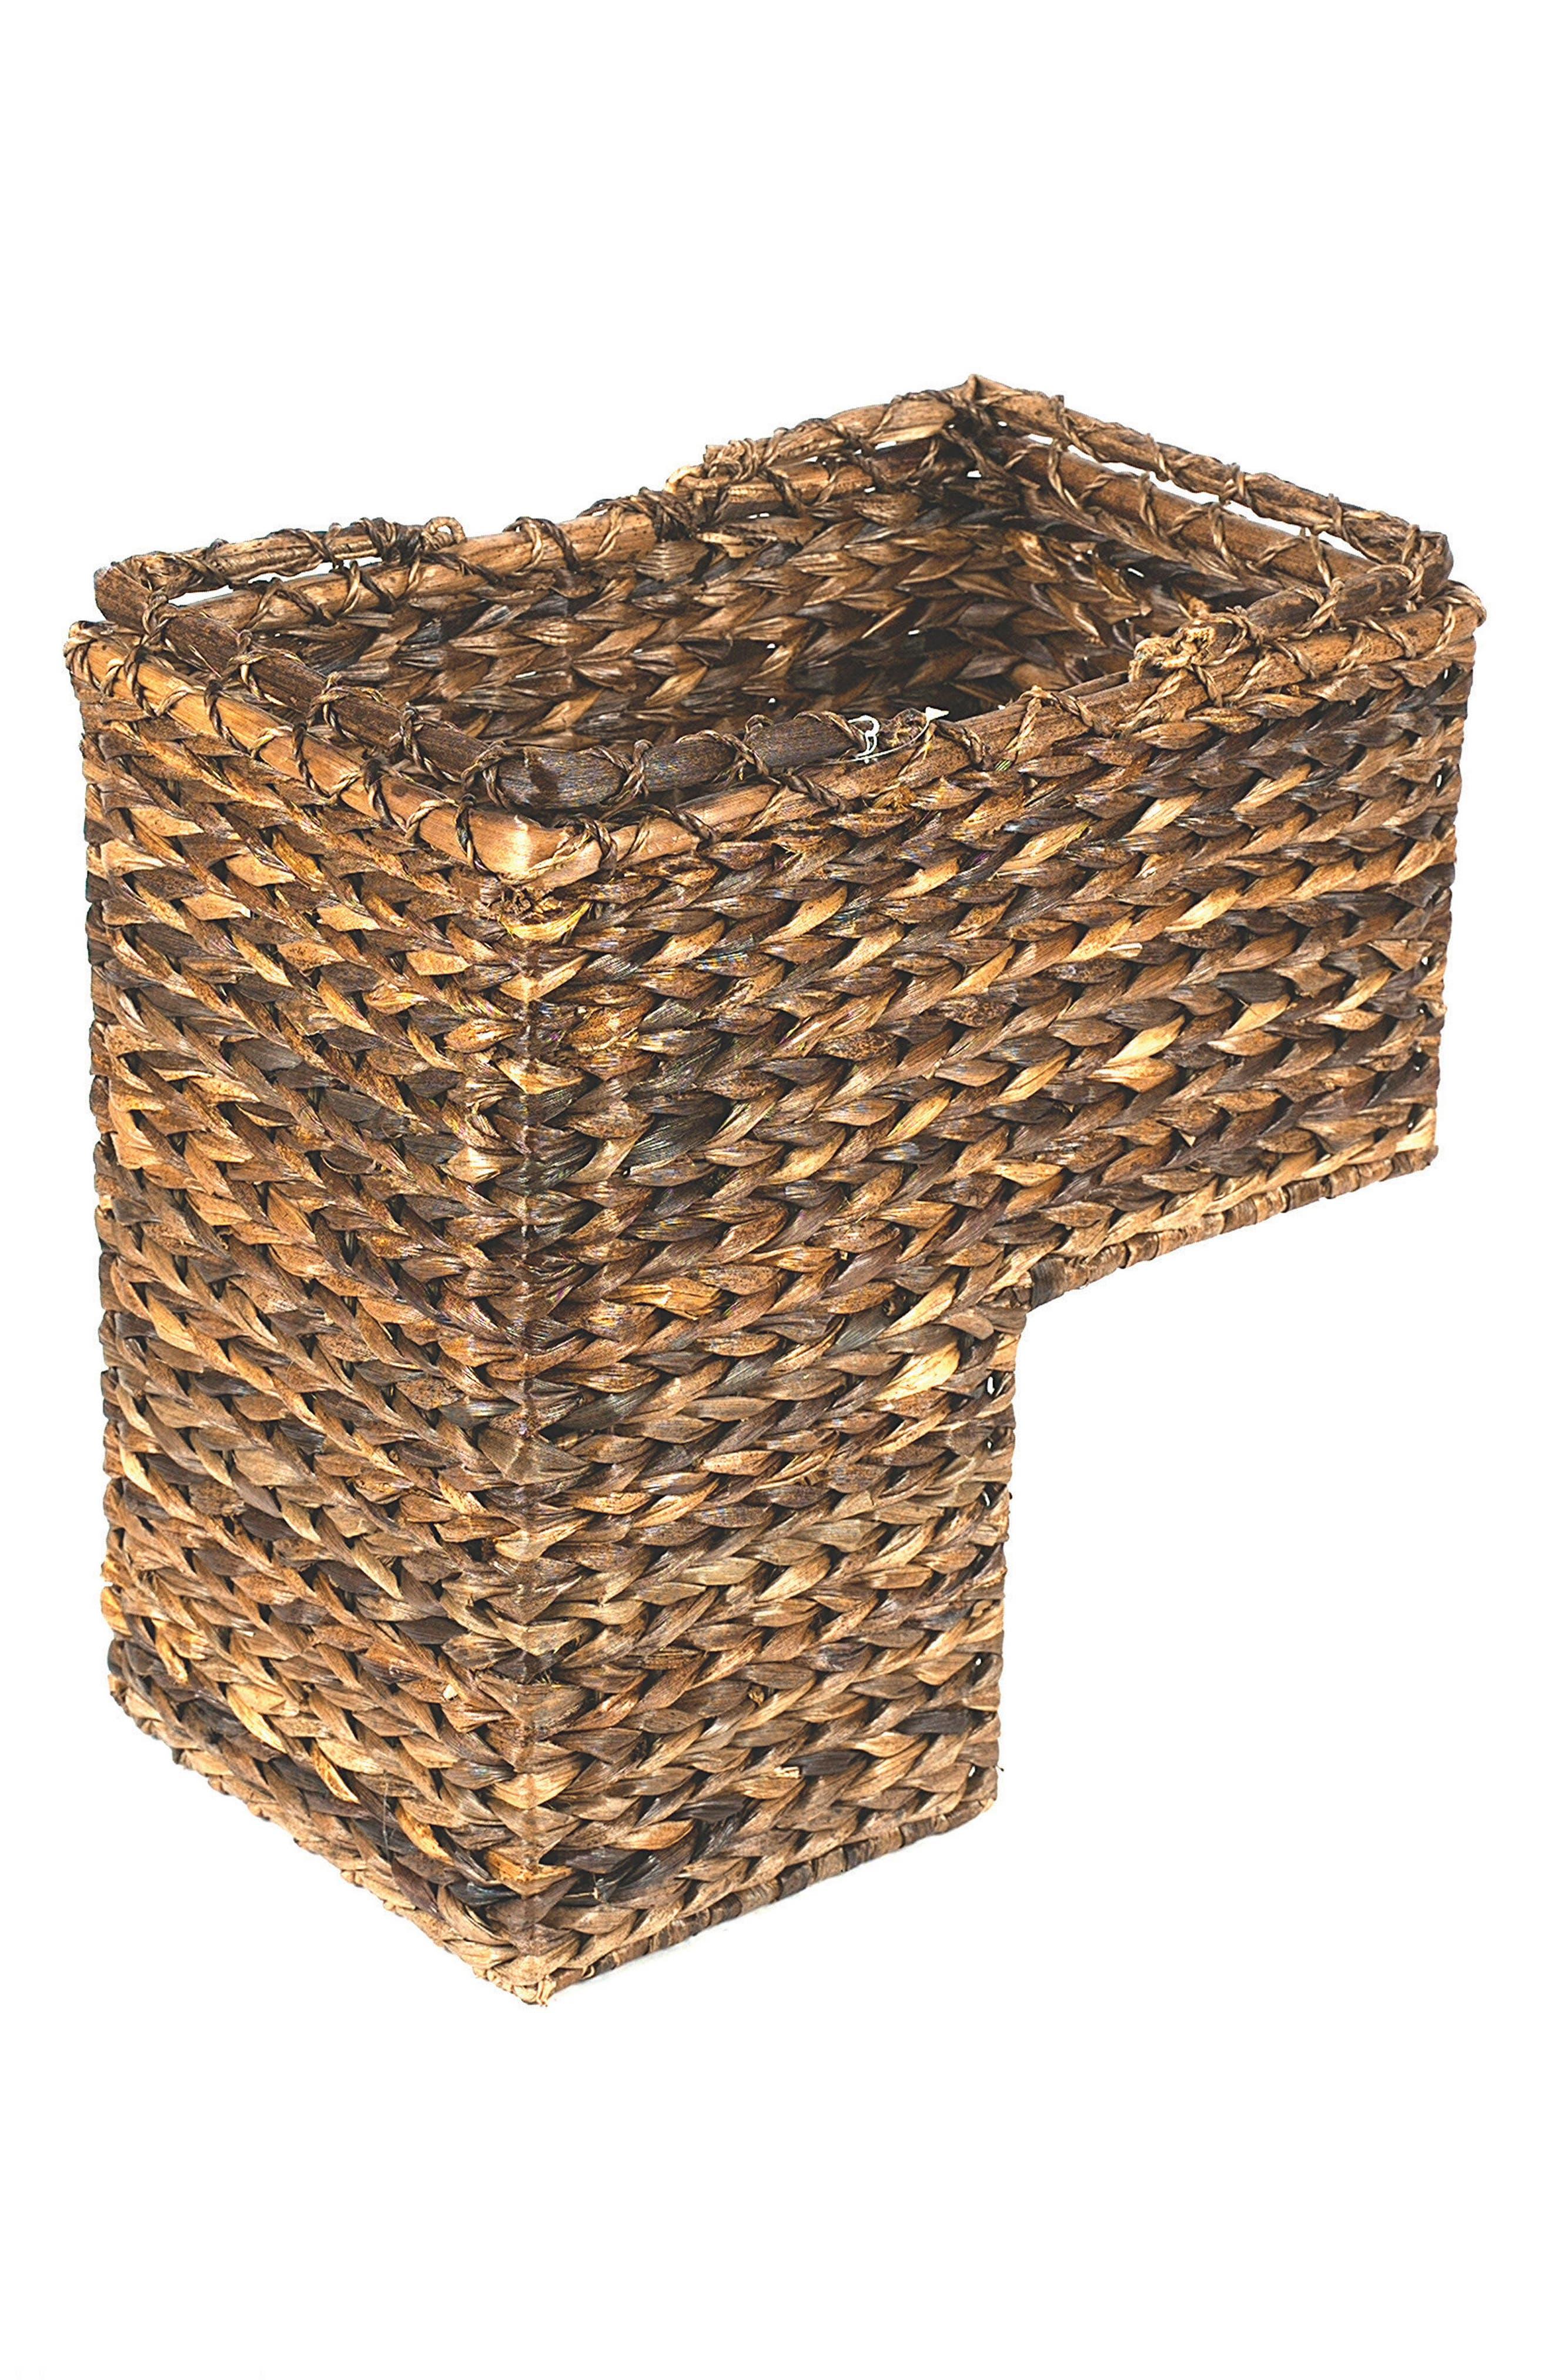 Alternate Image 1 Selected - Creative Co-Op Stair Basket